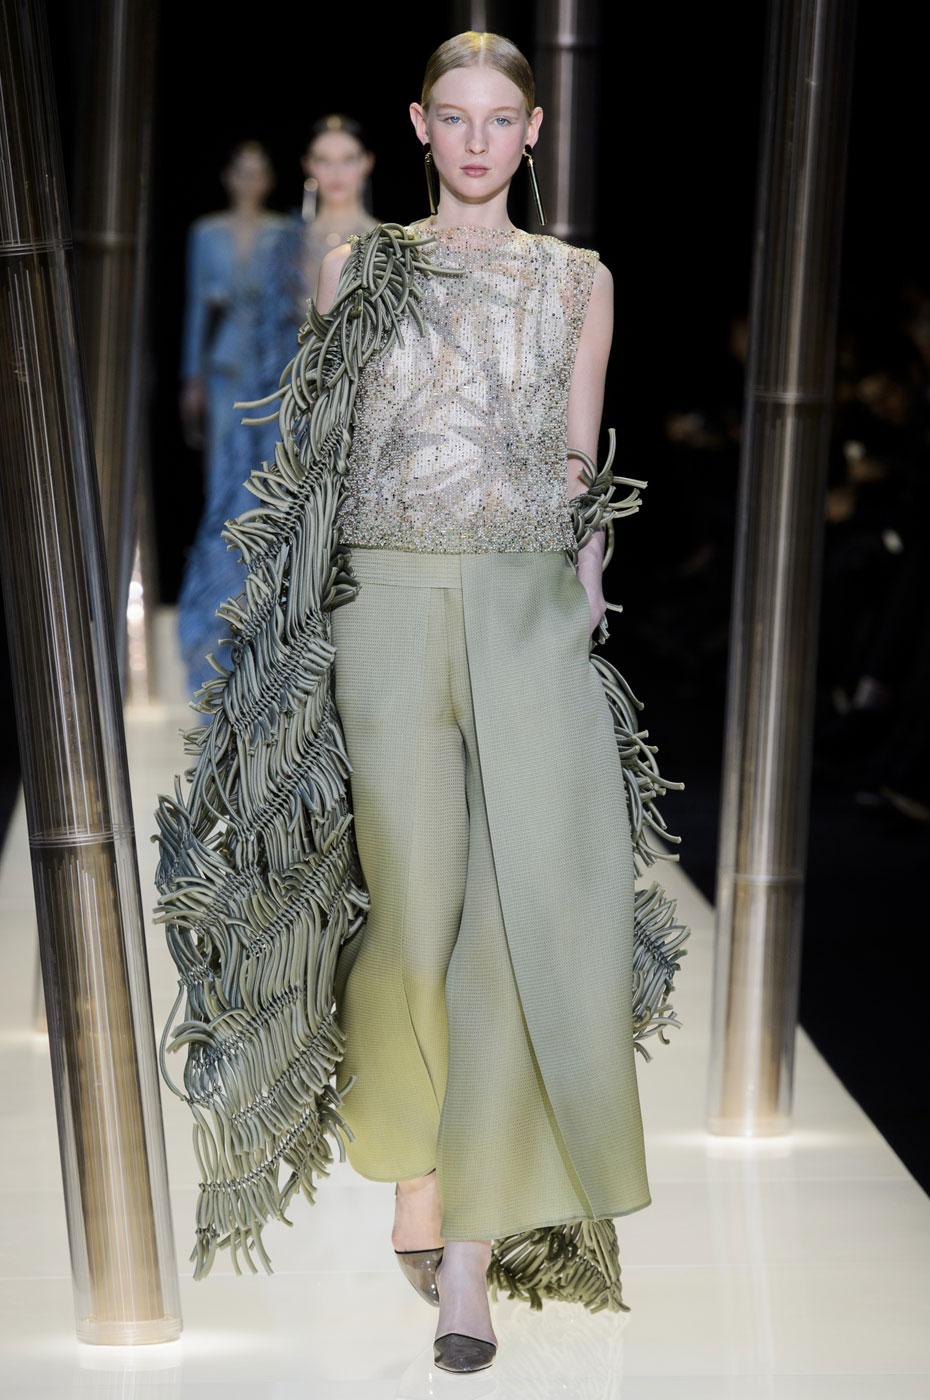 Giorgio-armani-Prive-fashion-runway-show-haute-couture-paris-spring-2015-the-impression-047